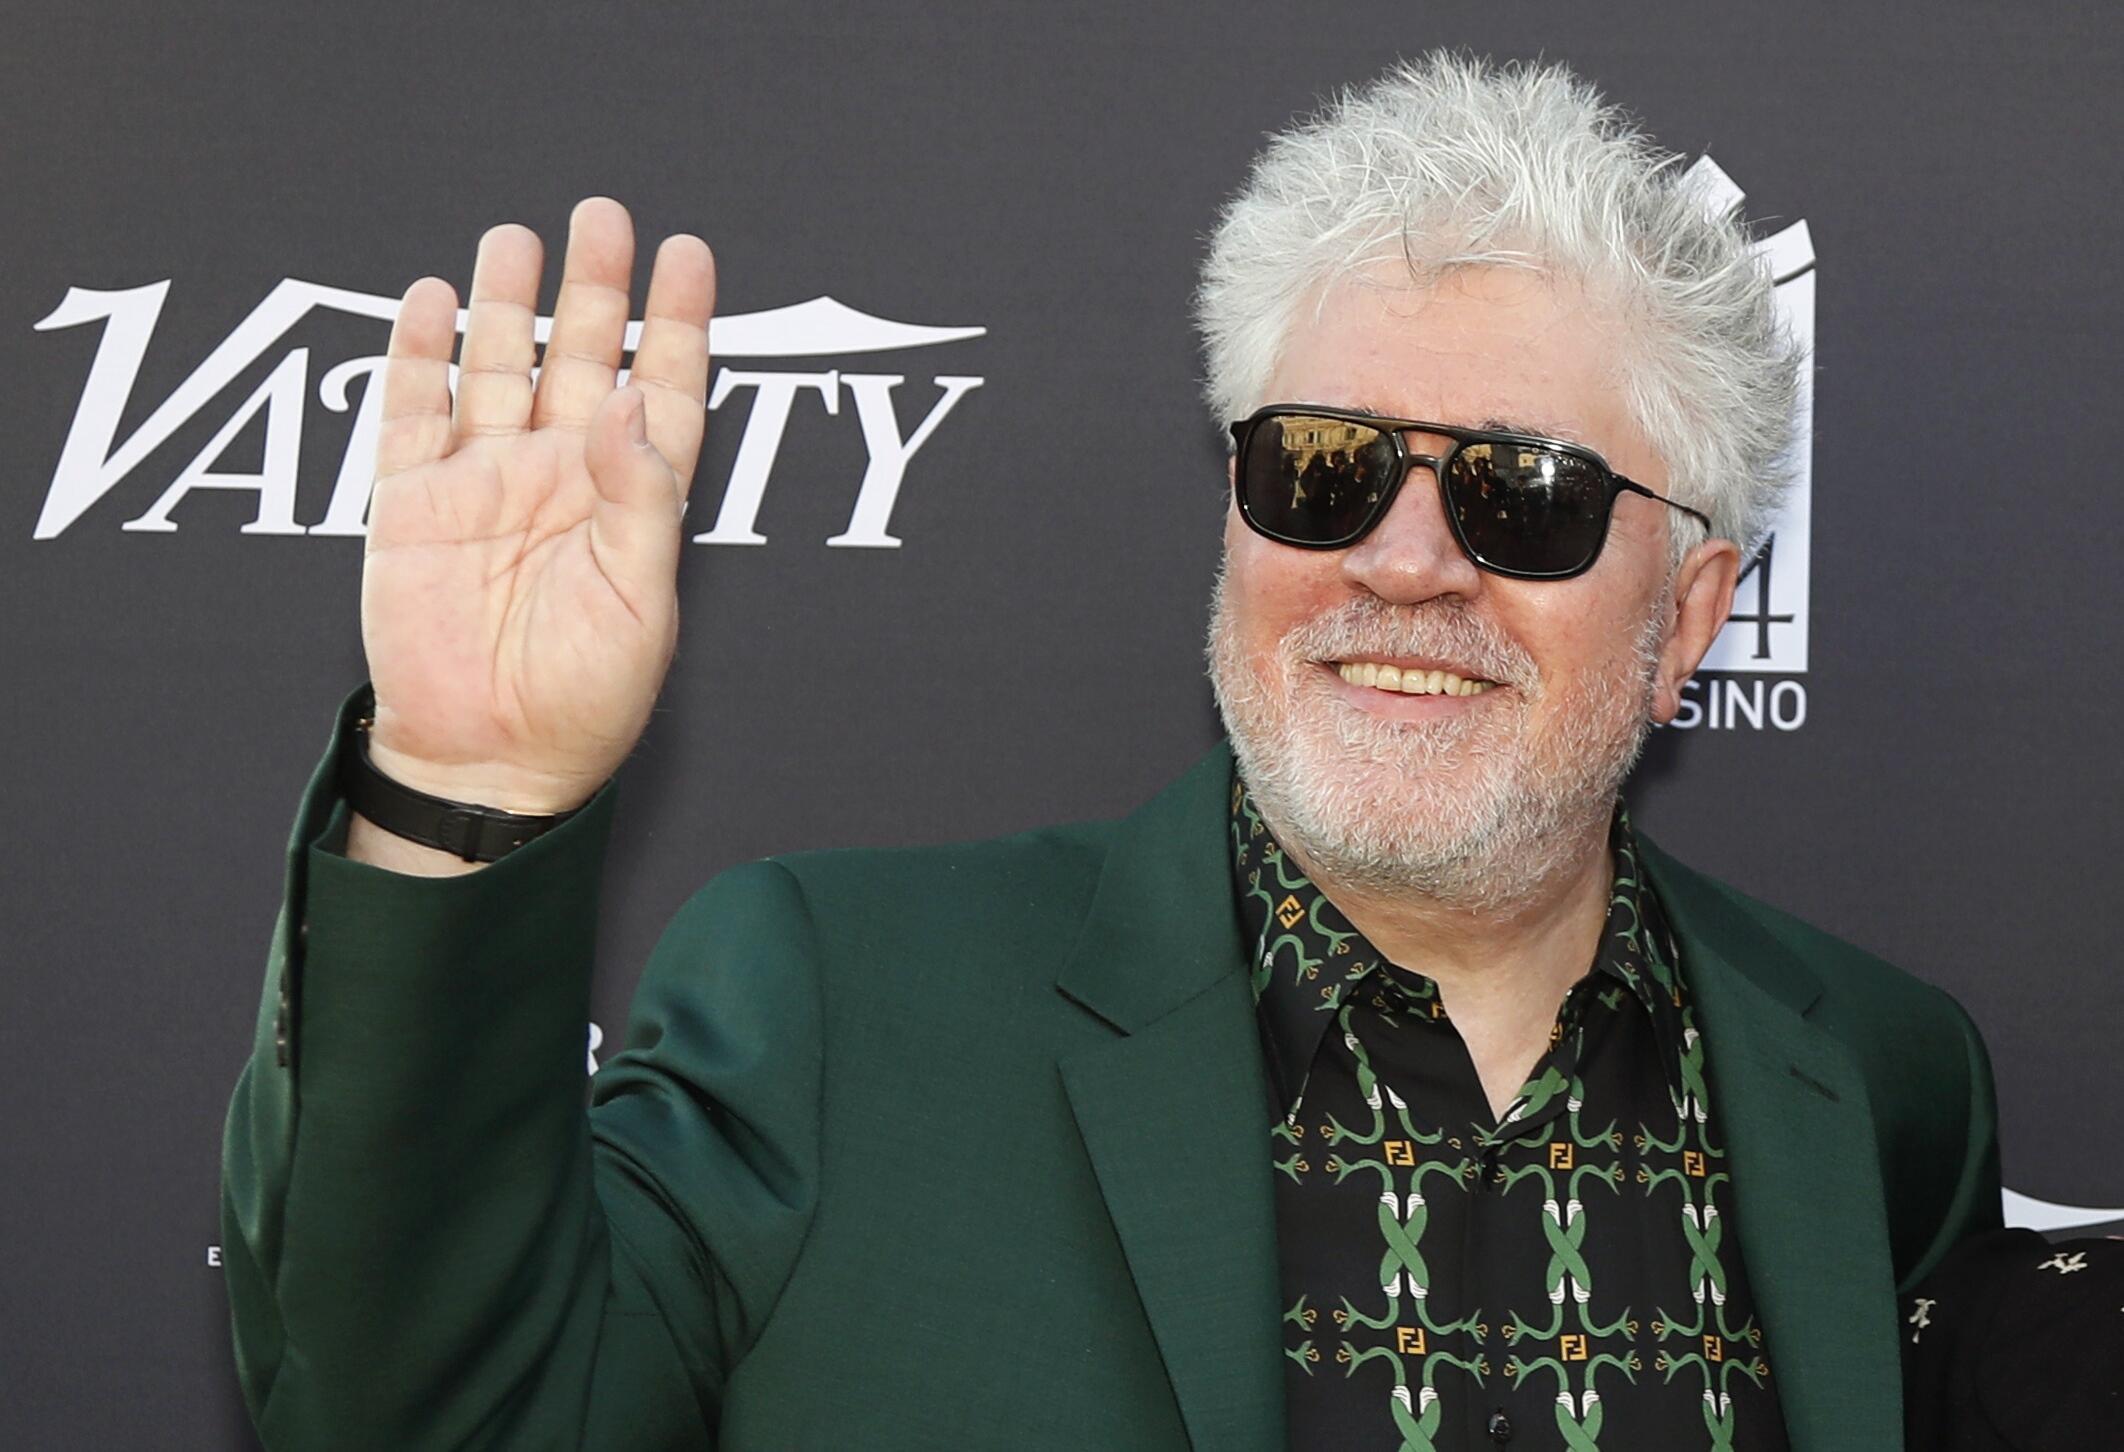 """پِدرو آلمودُوار"""" کارگردان اسپانیایی، با فیلم """"درد و افتخار"""" در بخش مسابقه هفتاد ودومین جشنواره سینمایی کن حضور دارد."""